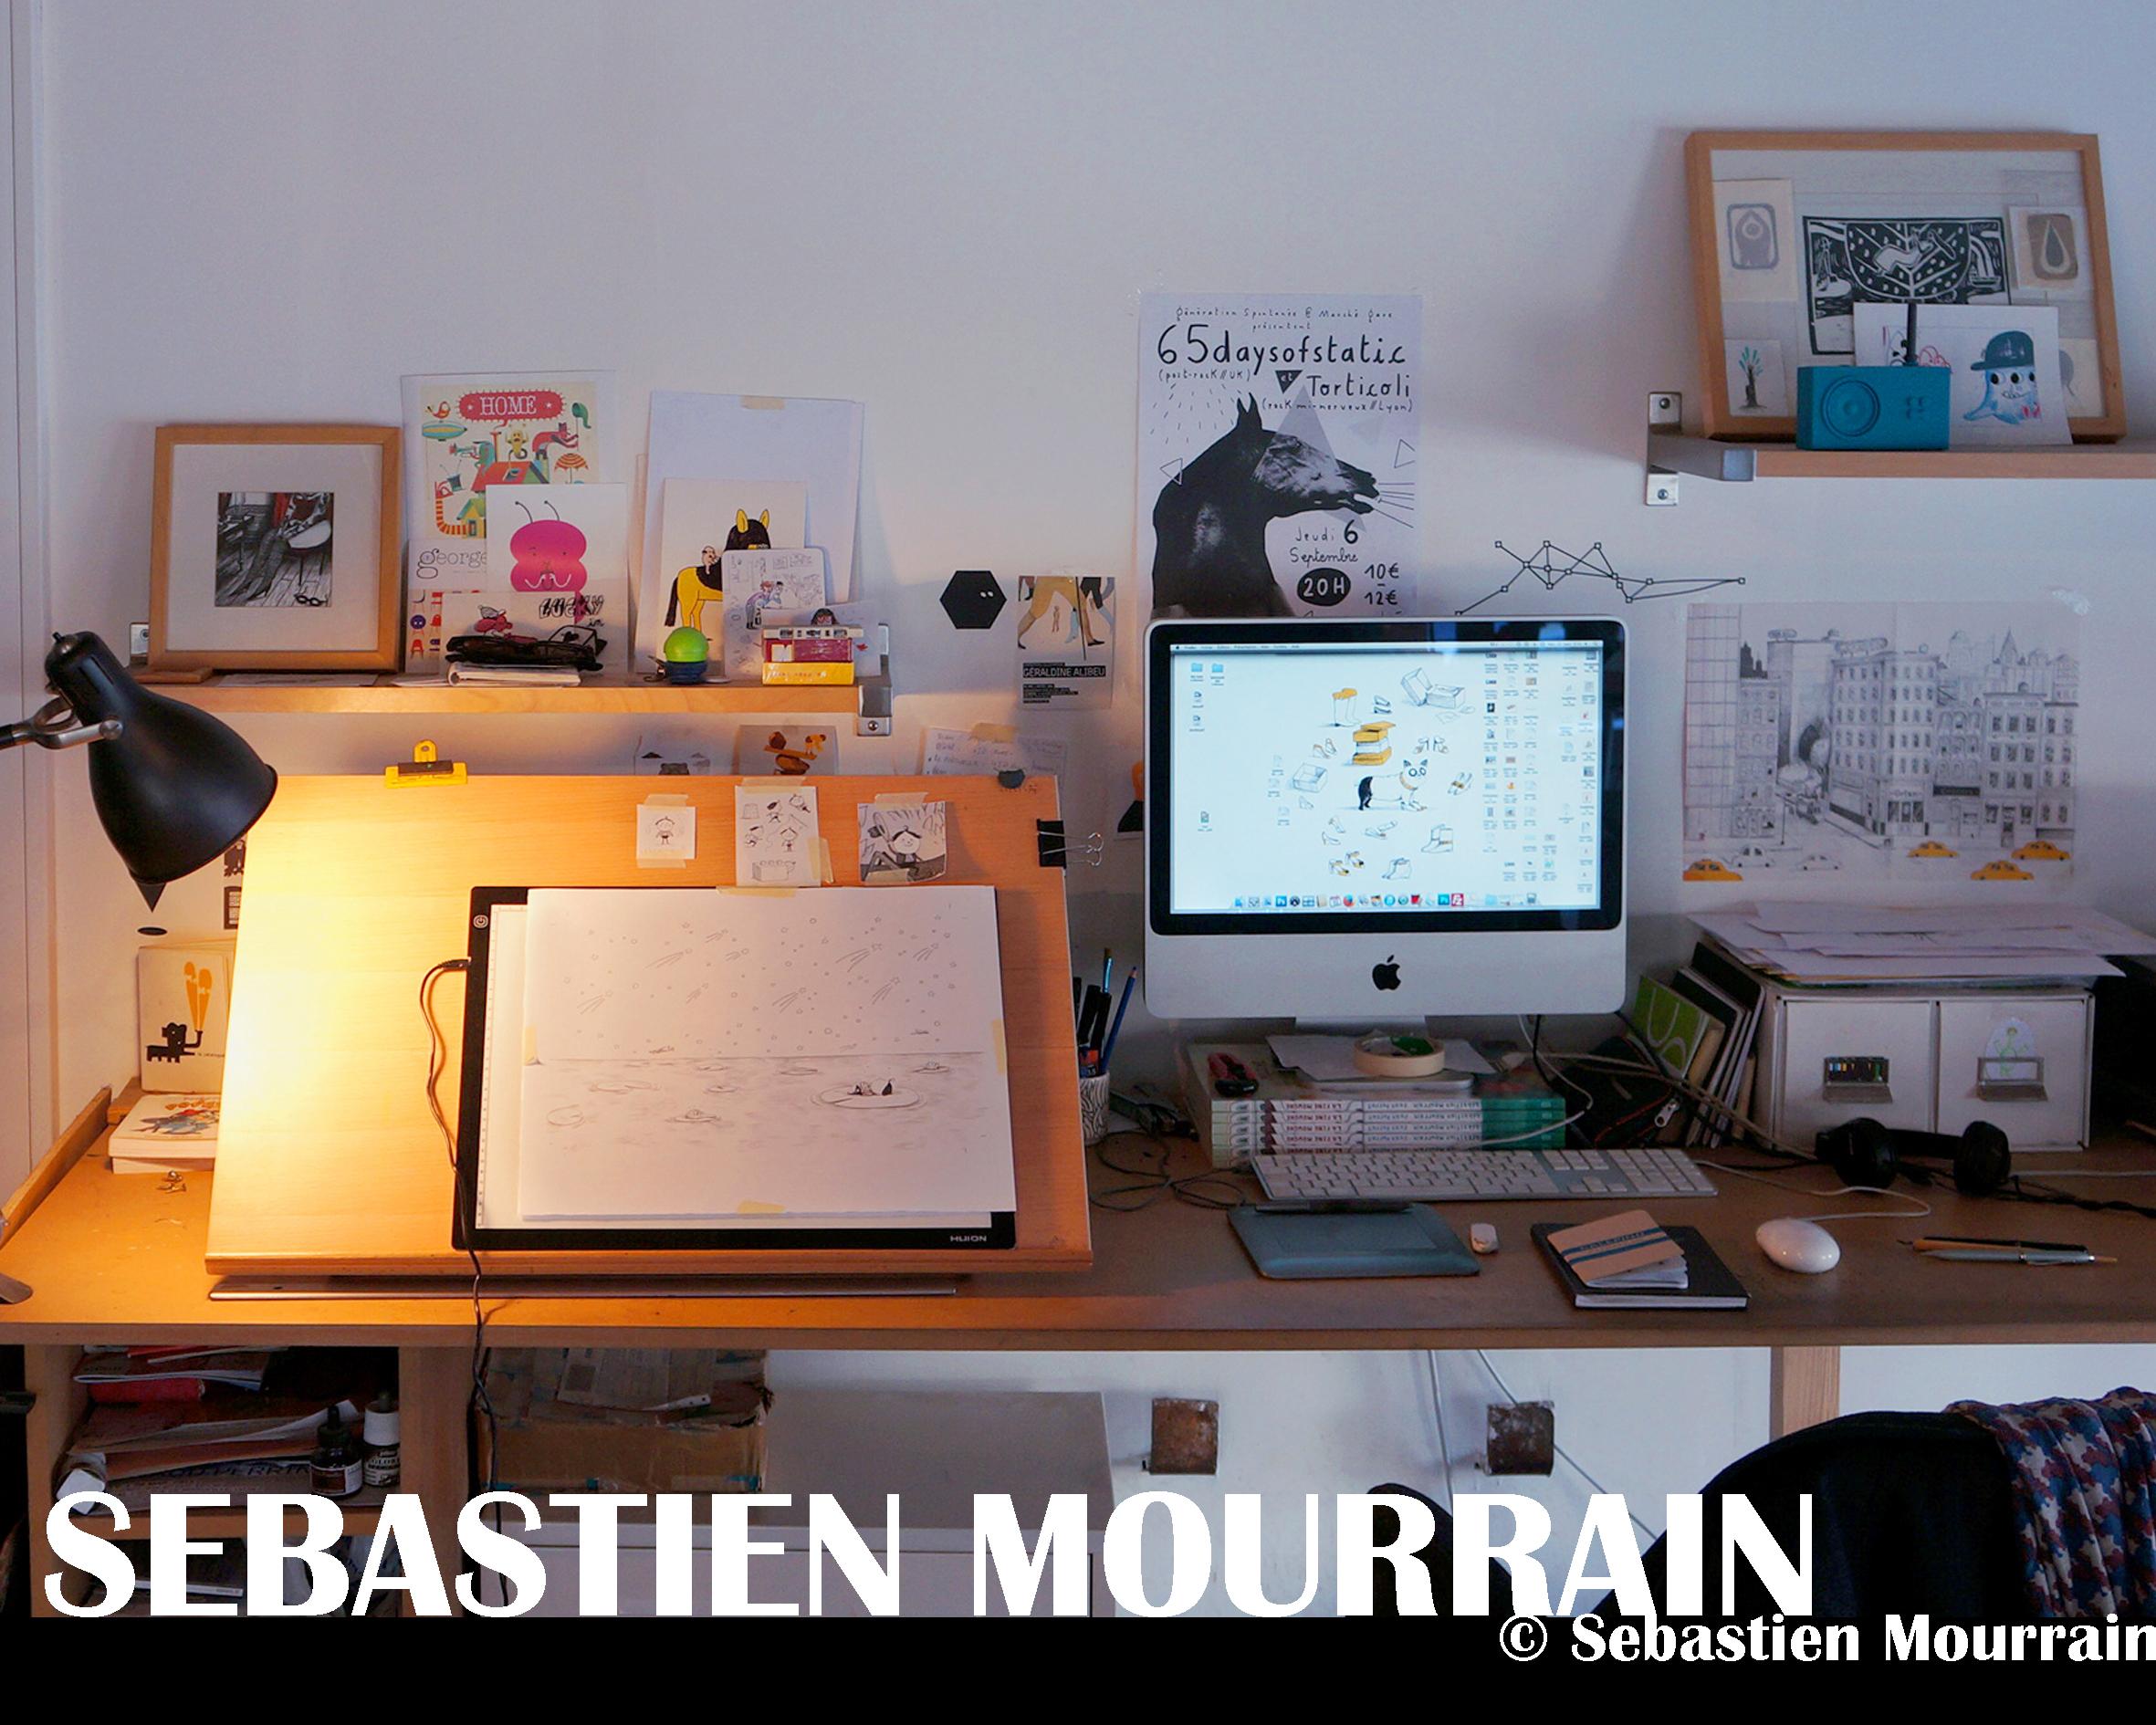 Sebastien Mourrain